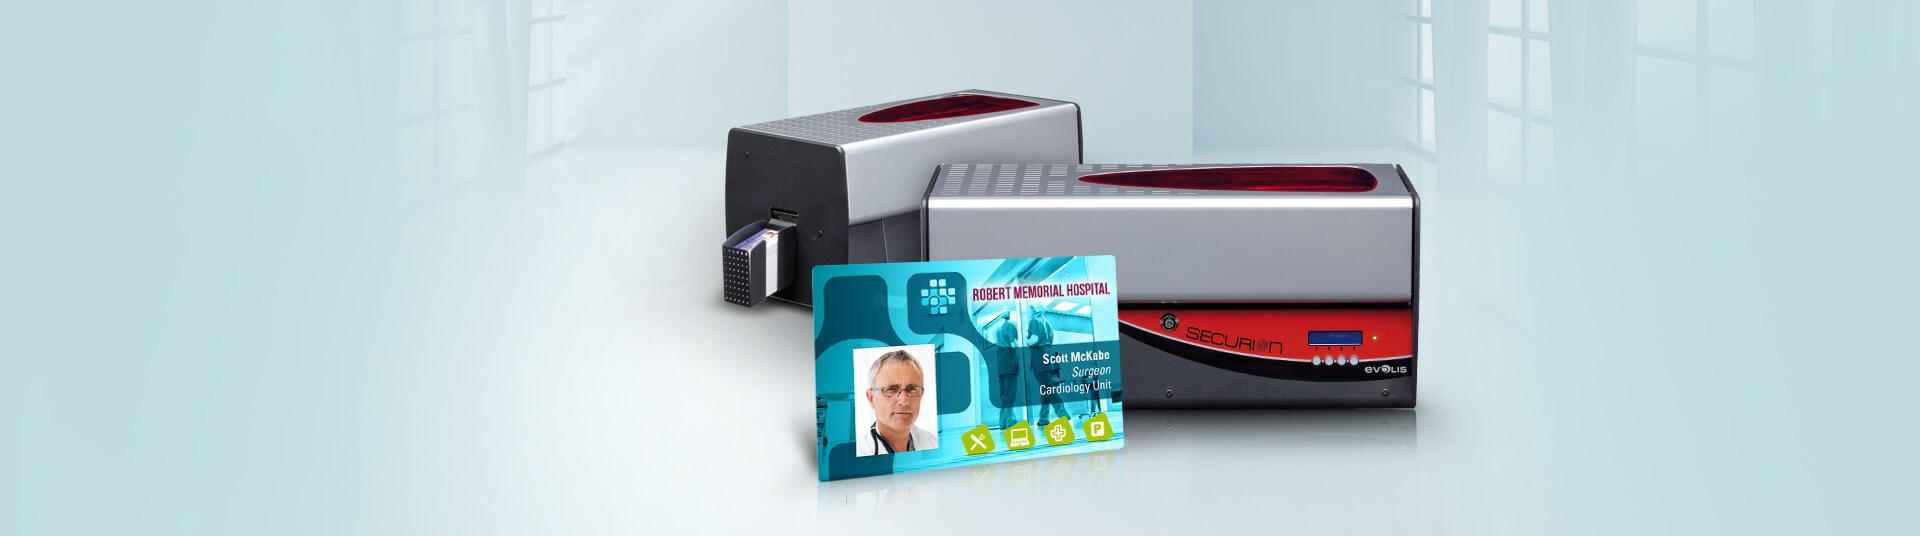 Evolis Securion Card Printers